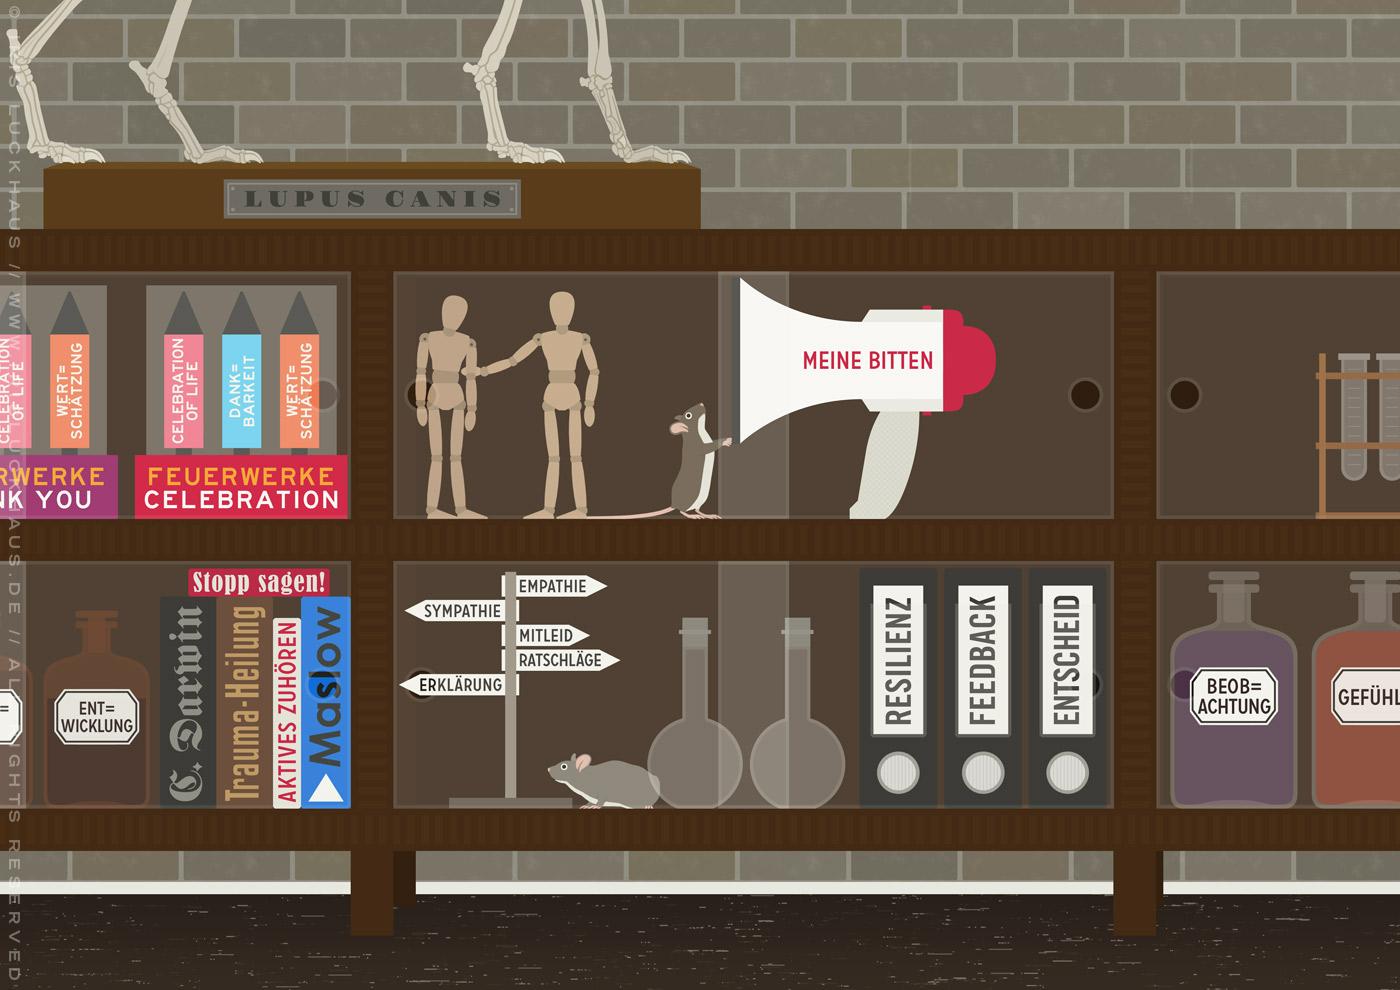 Ausschnitt mit Raketen, Apothekengläsern, Wegweiser, Gliederpuppen, Megafon und Maus aus dem Empathie-Labor für EmpaTrain